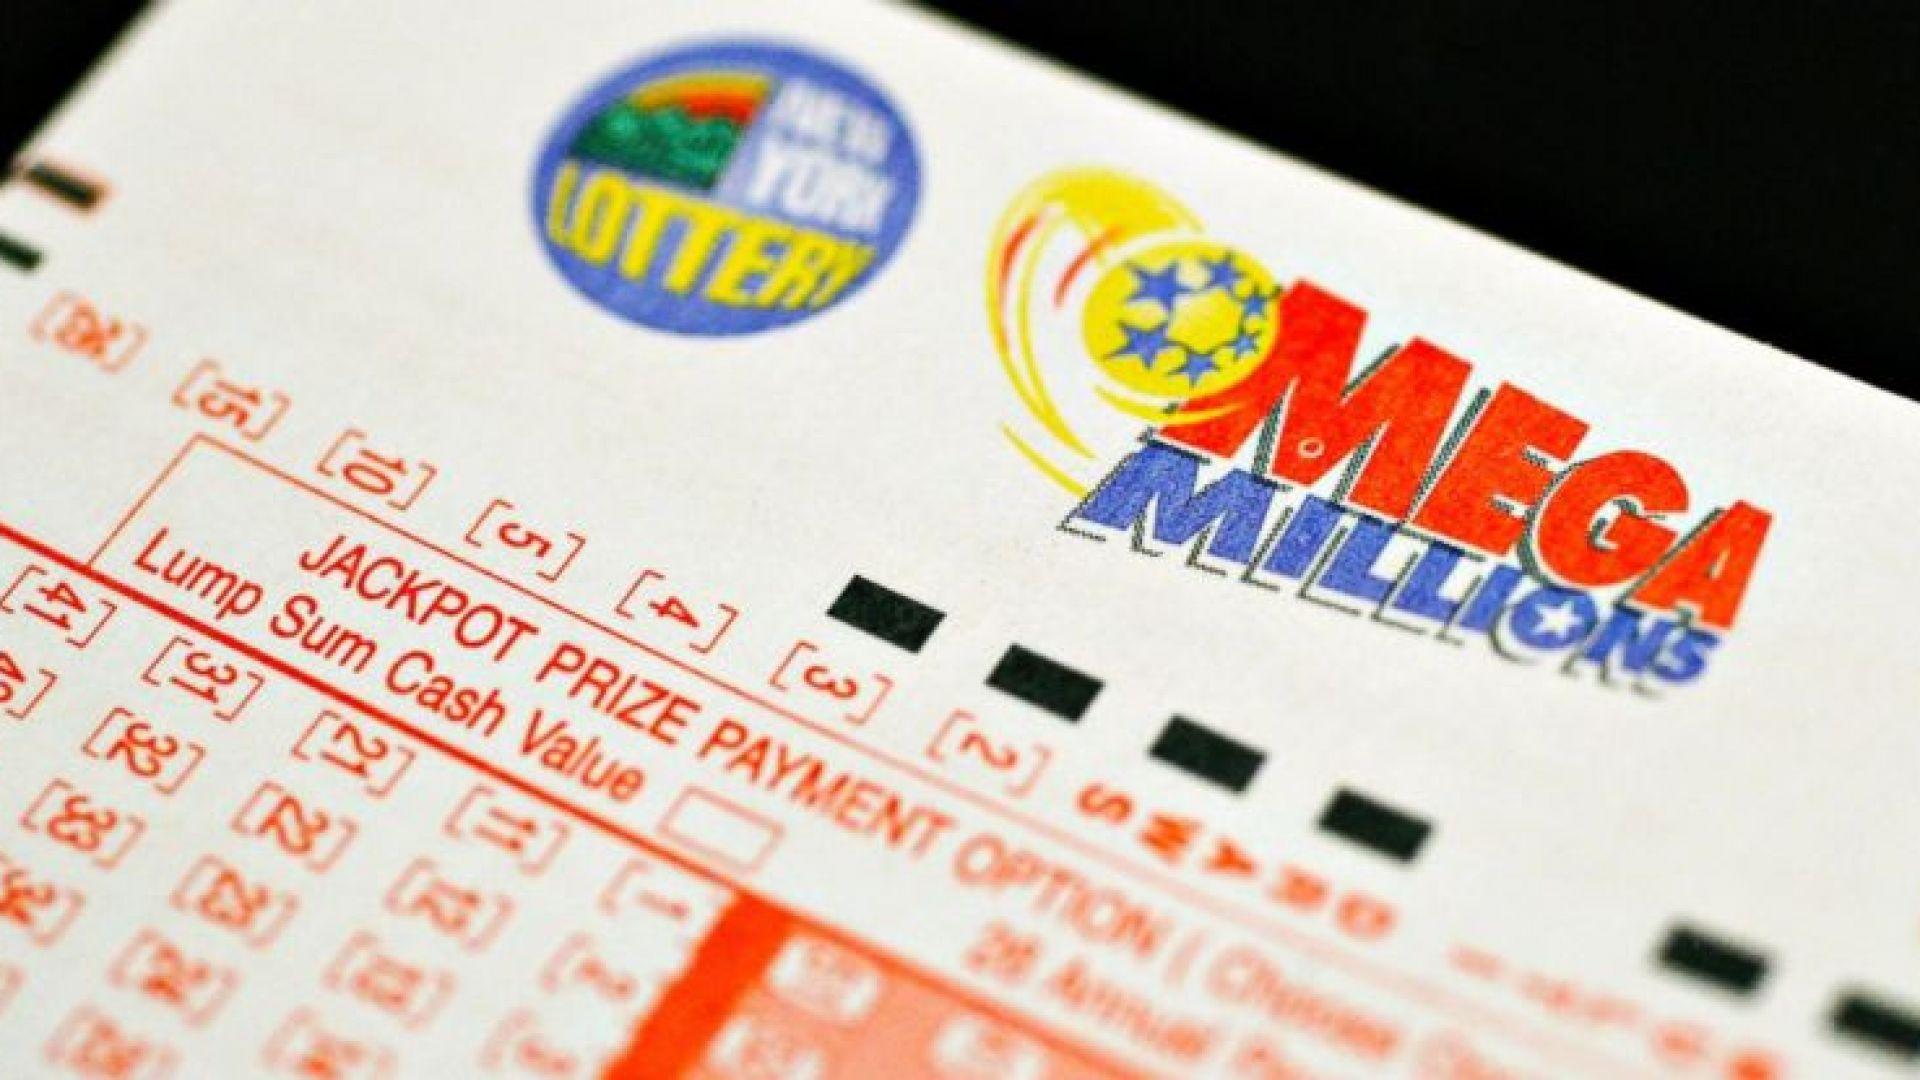 Джакпотът на една от най-популярните лотарии в САЩ,